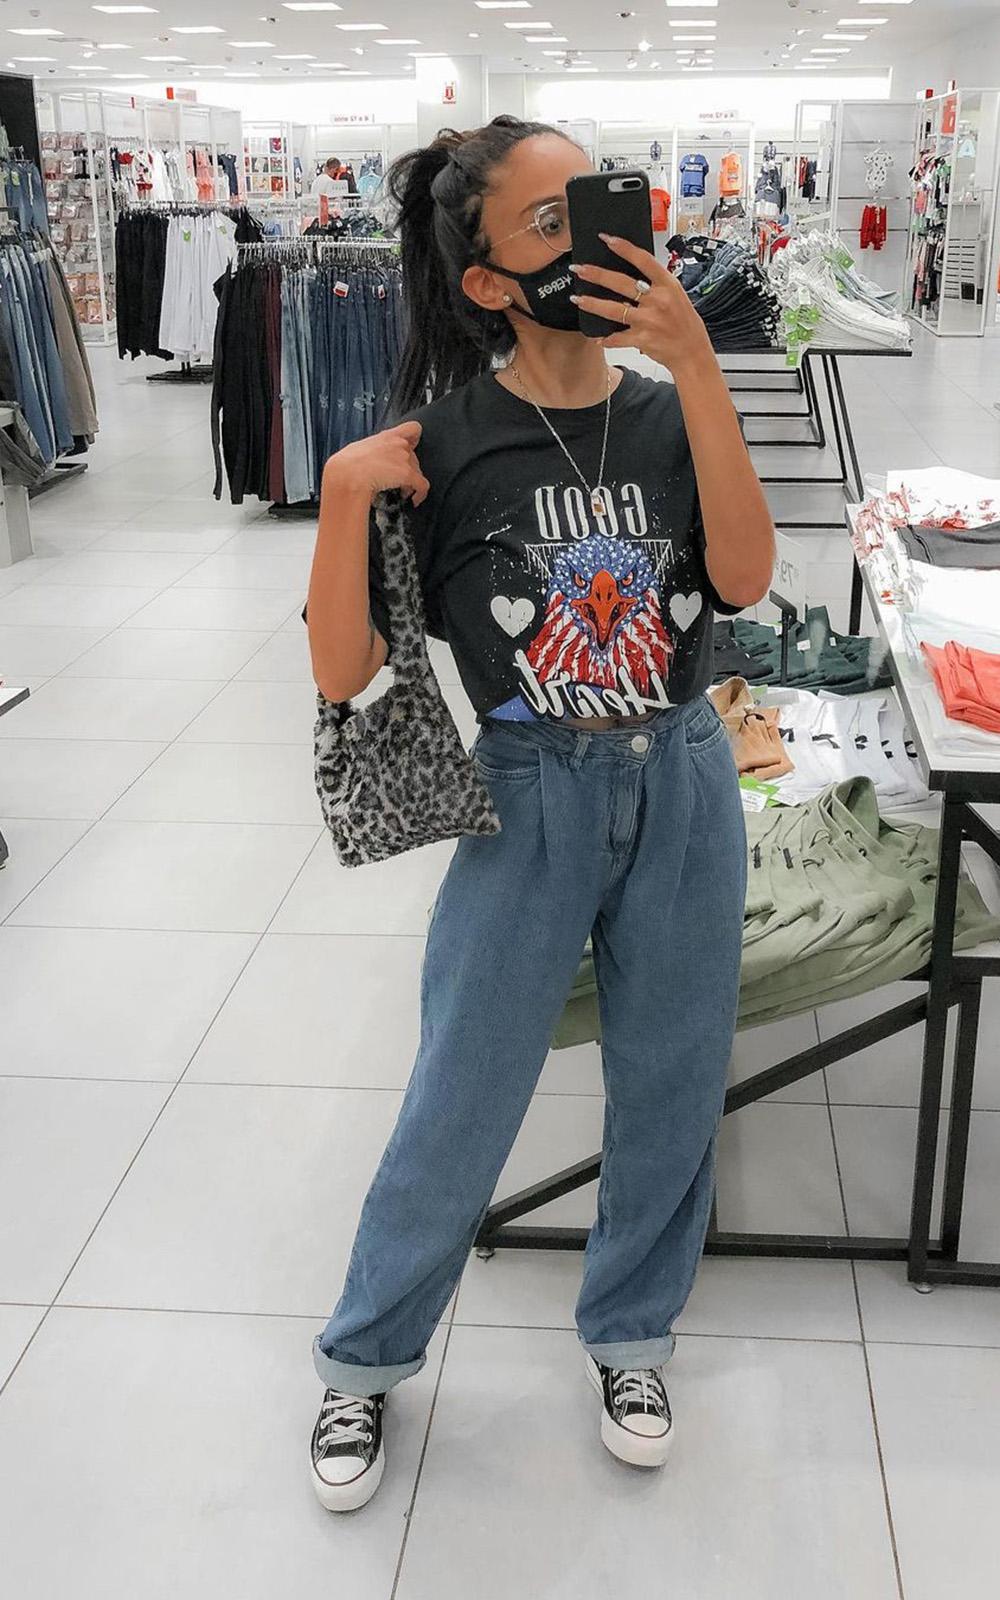 bolsa de pelúcia, t-shirt preta, calça sloucy jeans e tênis all star